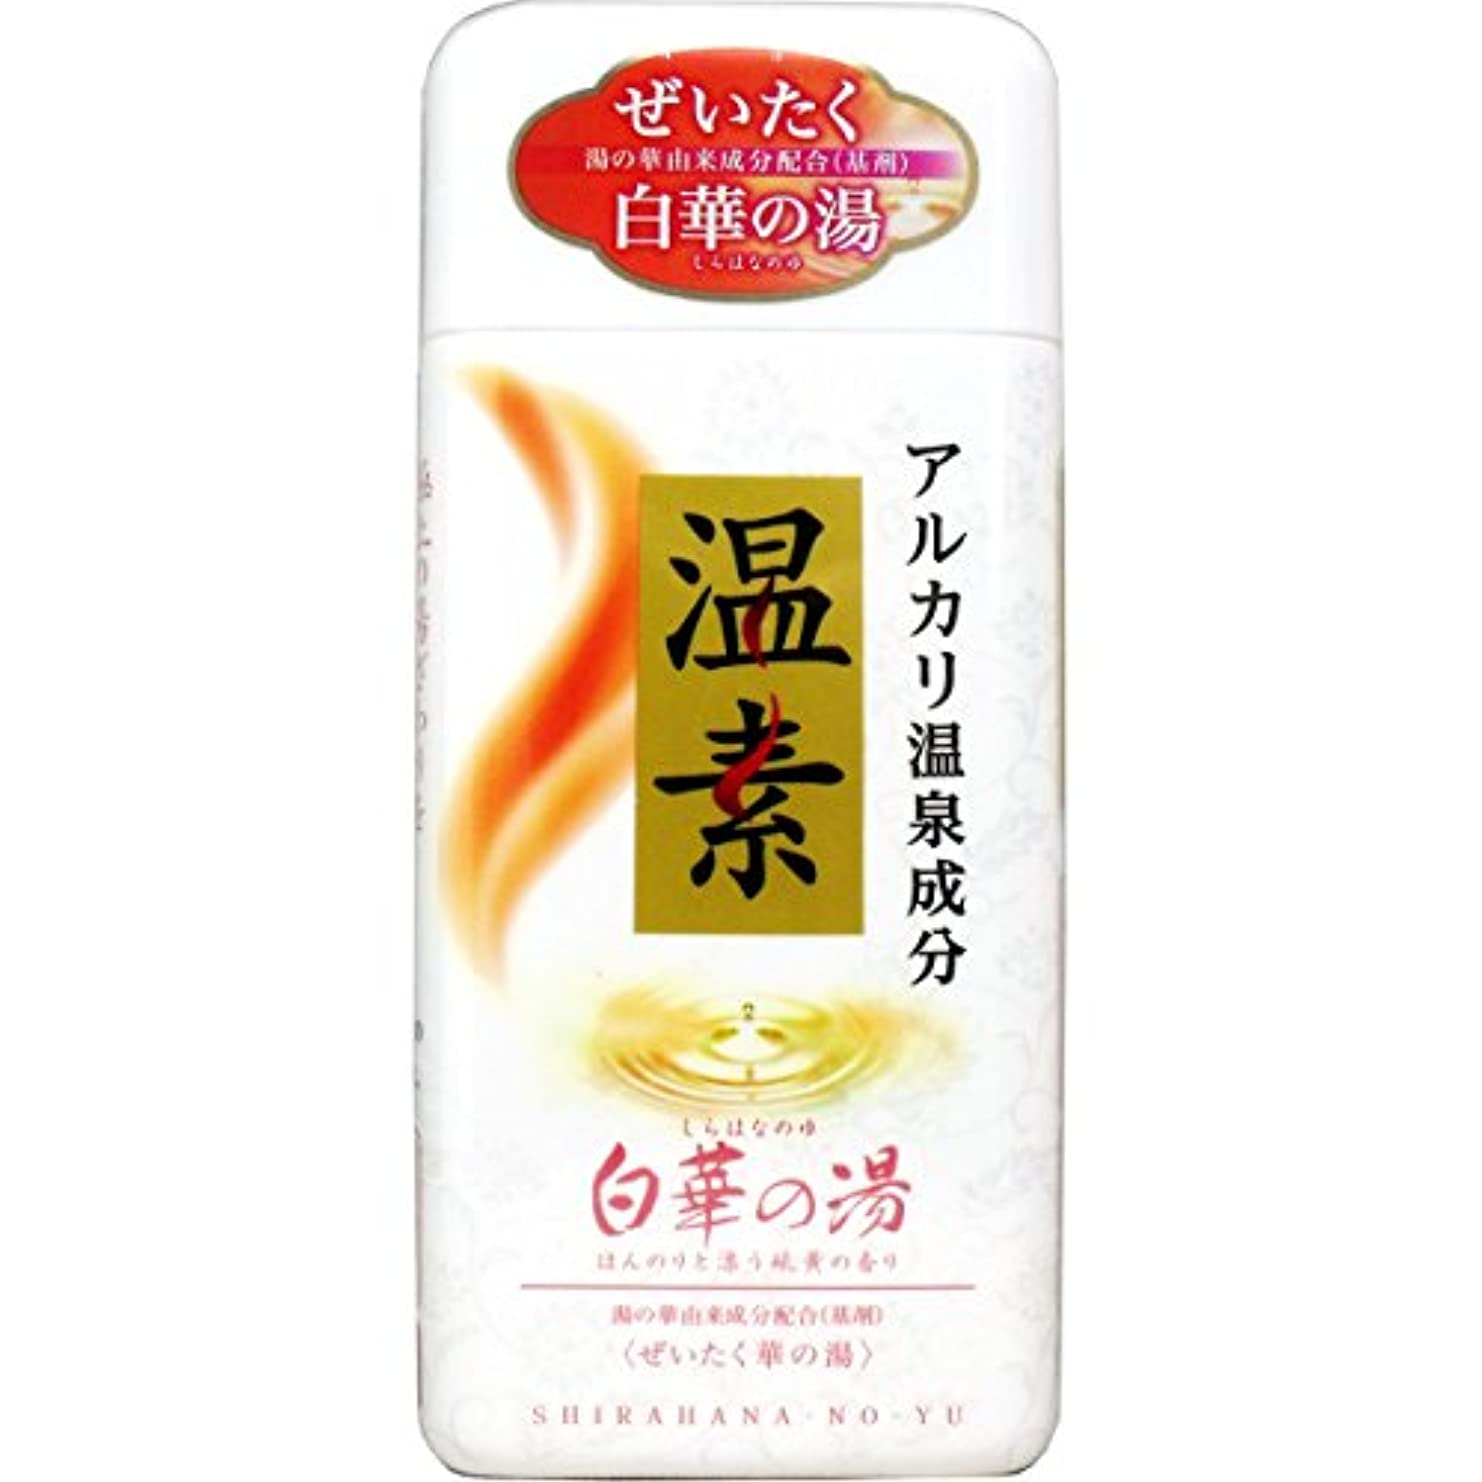 幽霊二次匹敵します入浴剤 ぜいたく華の湯 リラックス用品 アルカリ温泉成分 温素 入浴剤 白華の湯 硫黄の香り 600g入【2個セット】